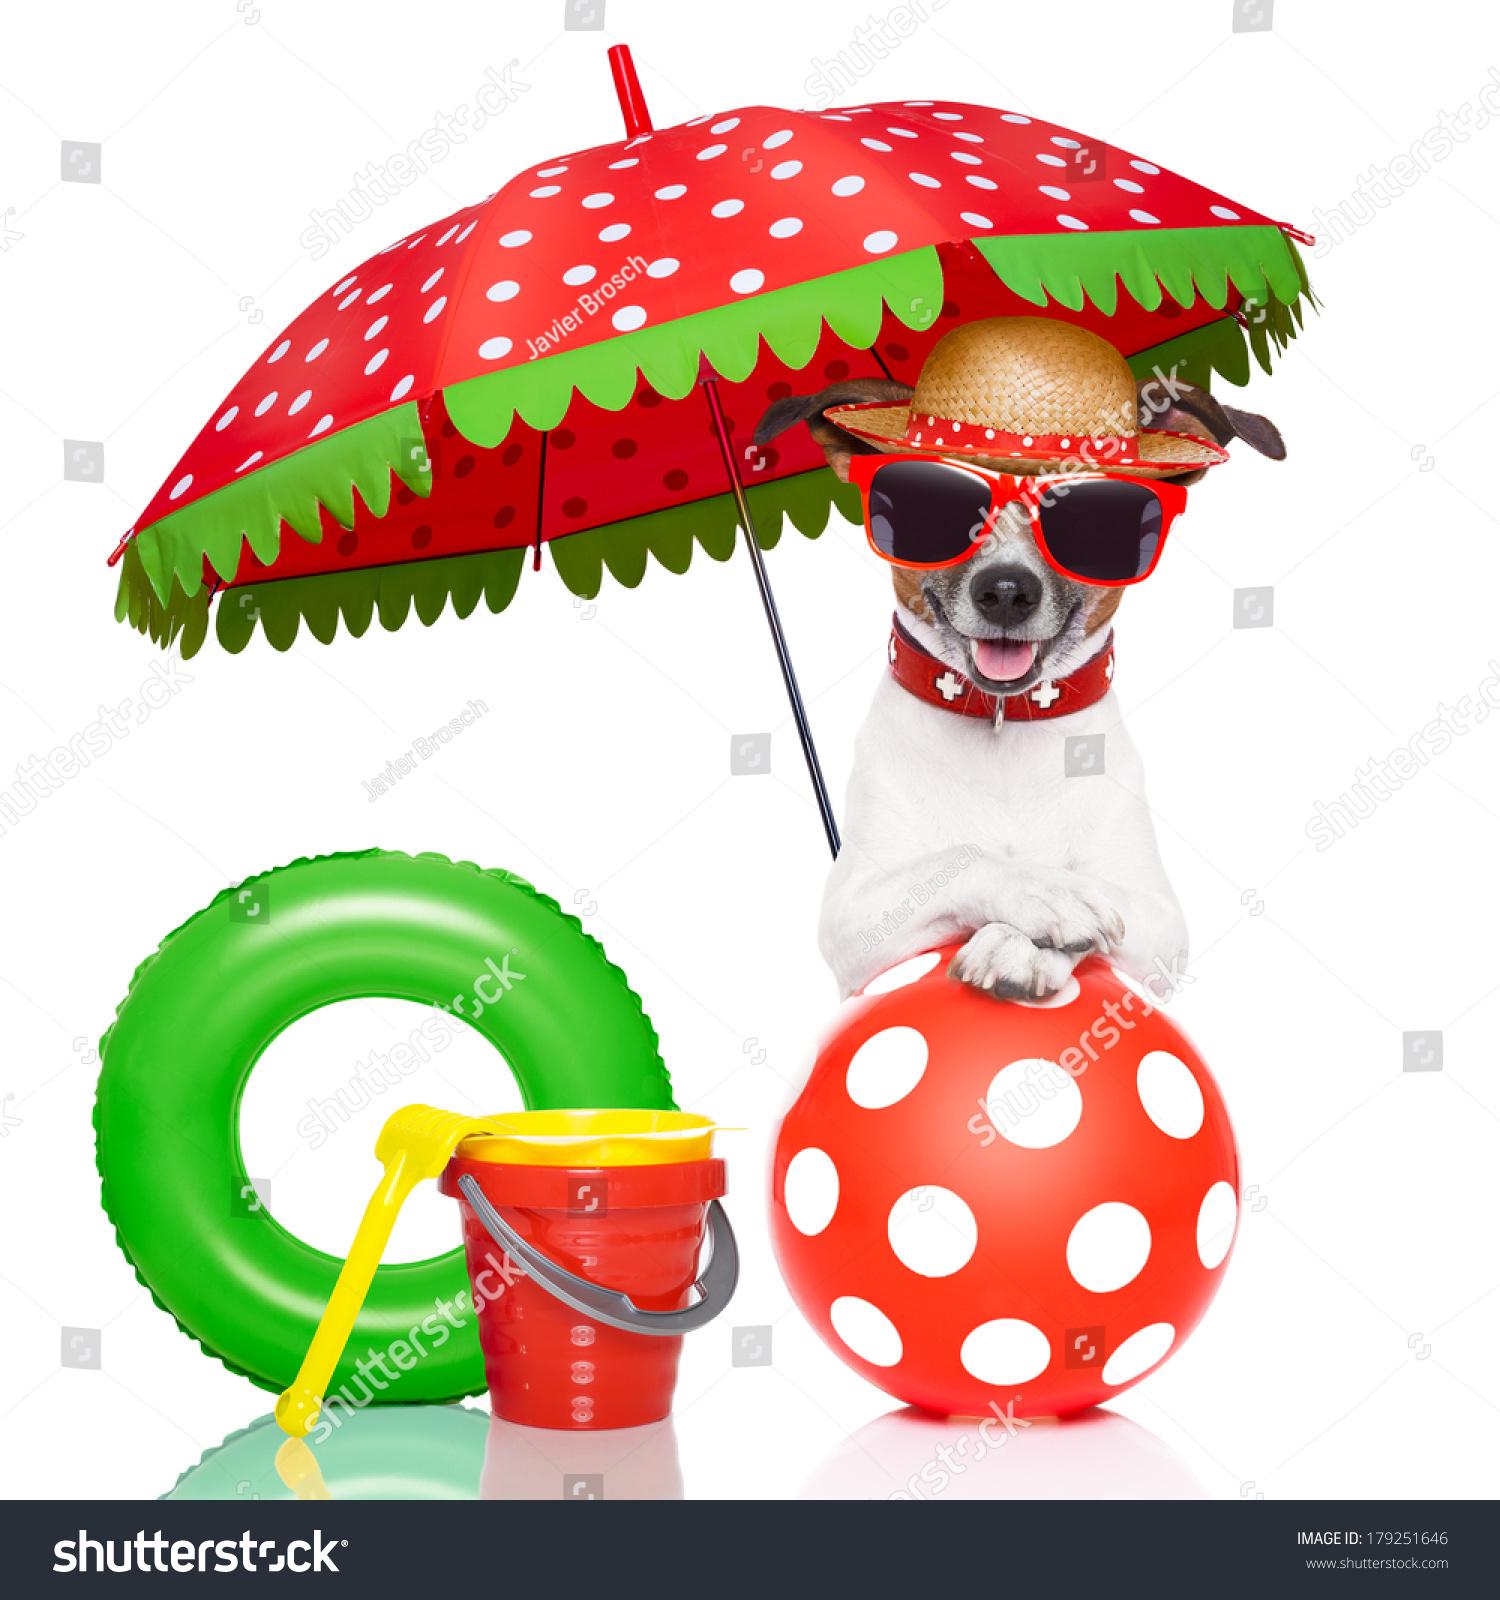 狗与红色太阳镜和雨伞下一个色彩鲜艳的帽子-动物